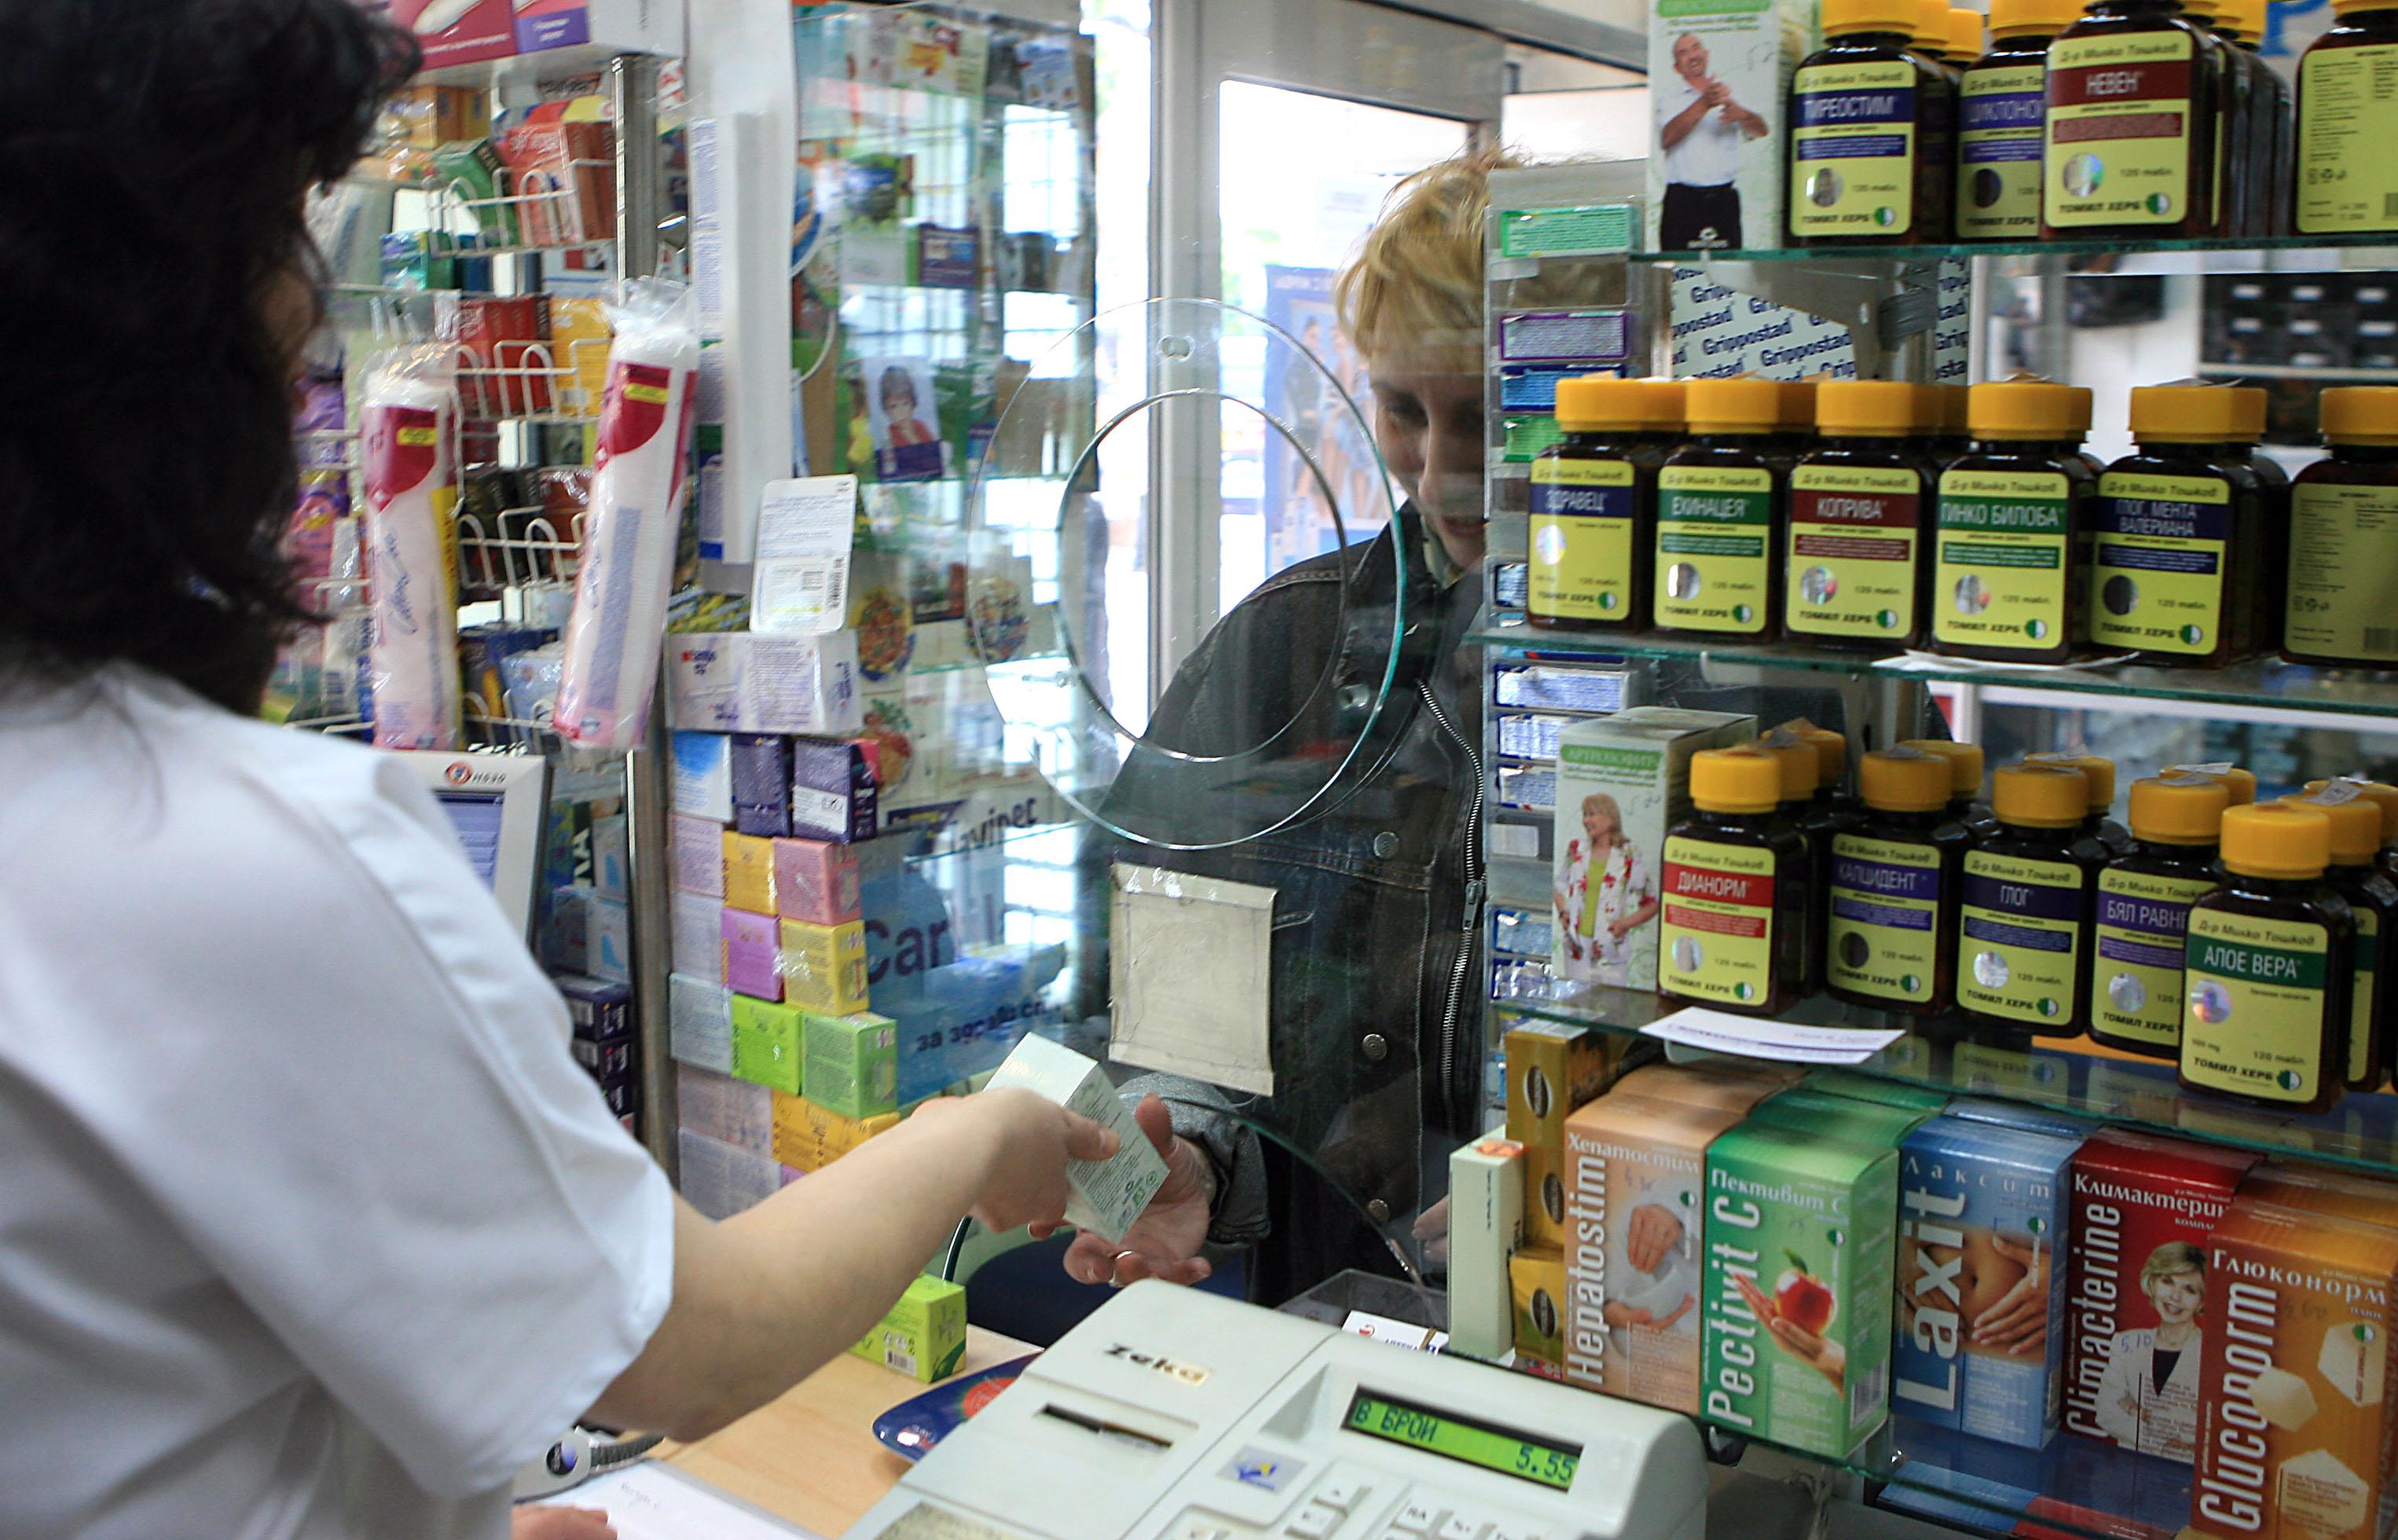 България е сред първите страни в Евросъюза по брой аптеки на глава от населението.